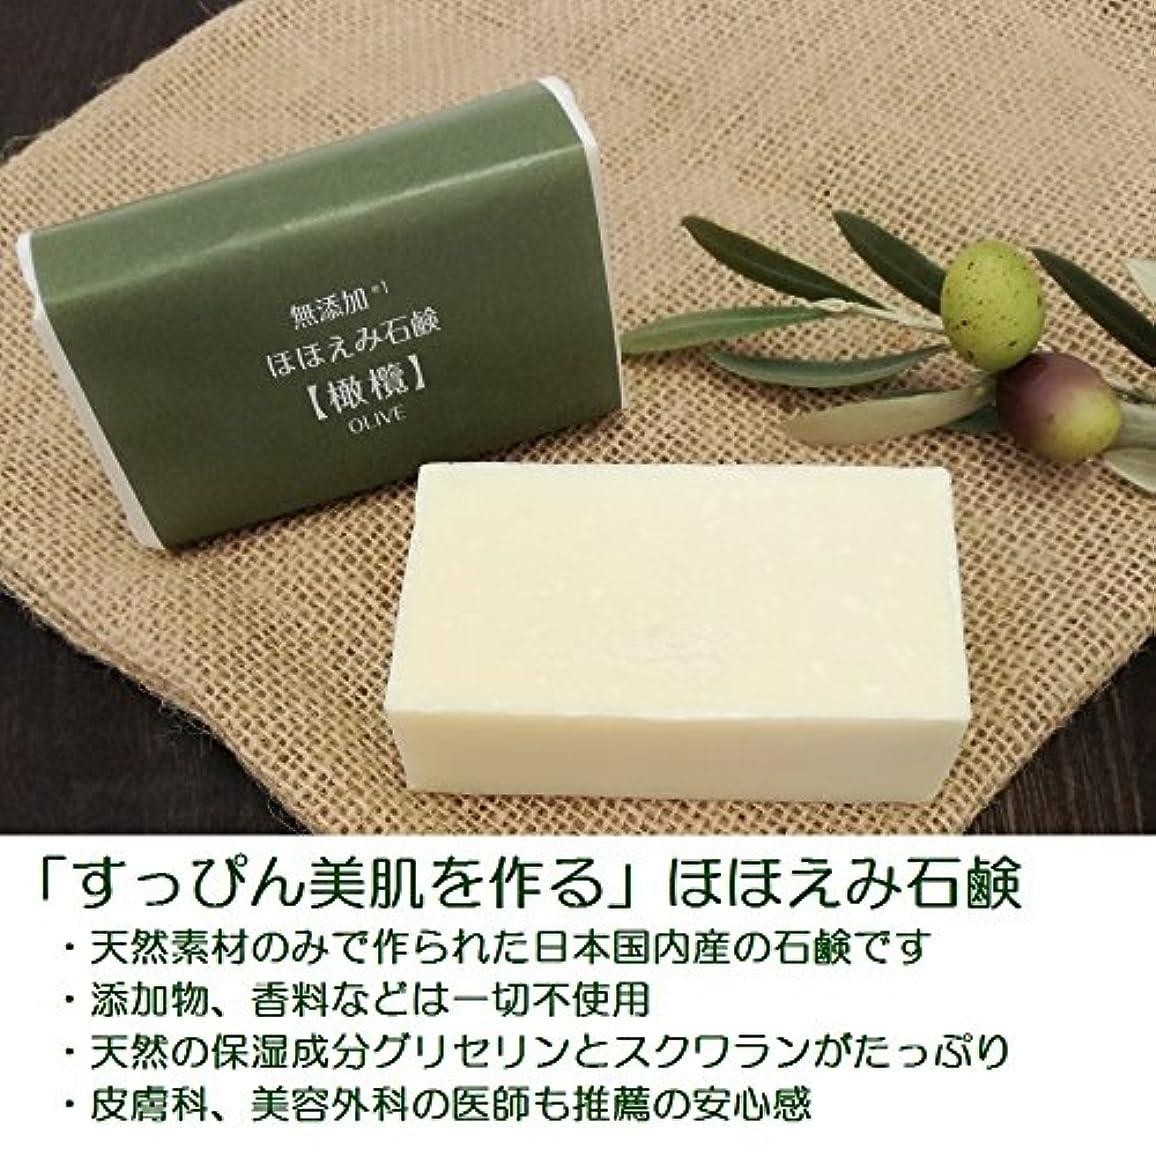 櫛間隔非互換すっぴん美肌を作る ほほえみ石鹸 オリーブ 無添加 オーガニック 日本製 80g